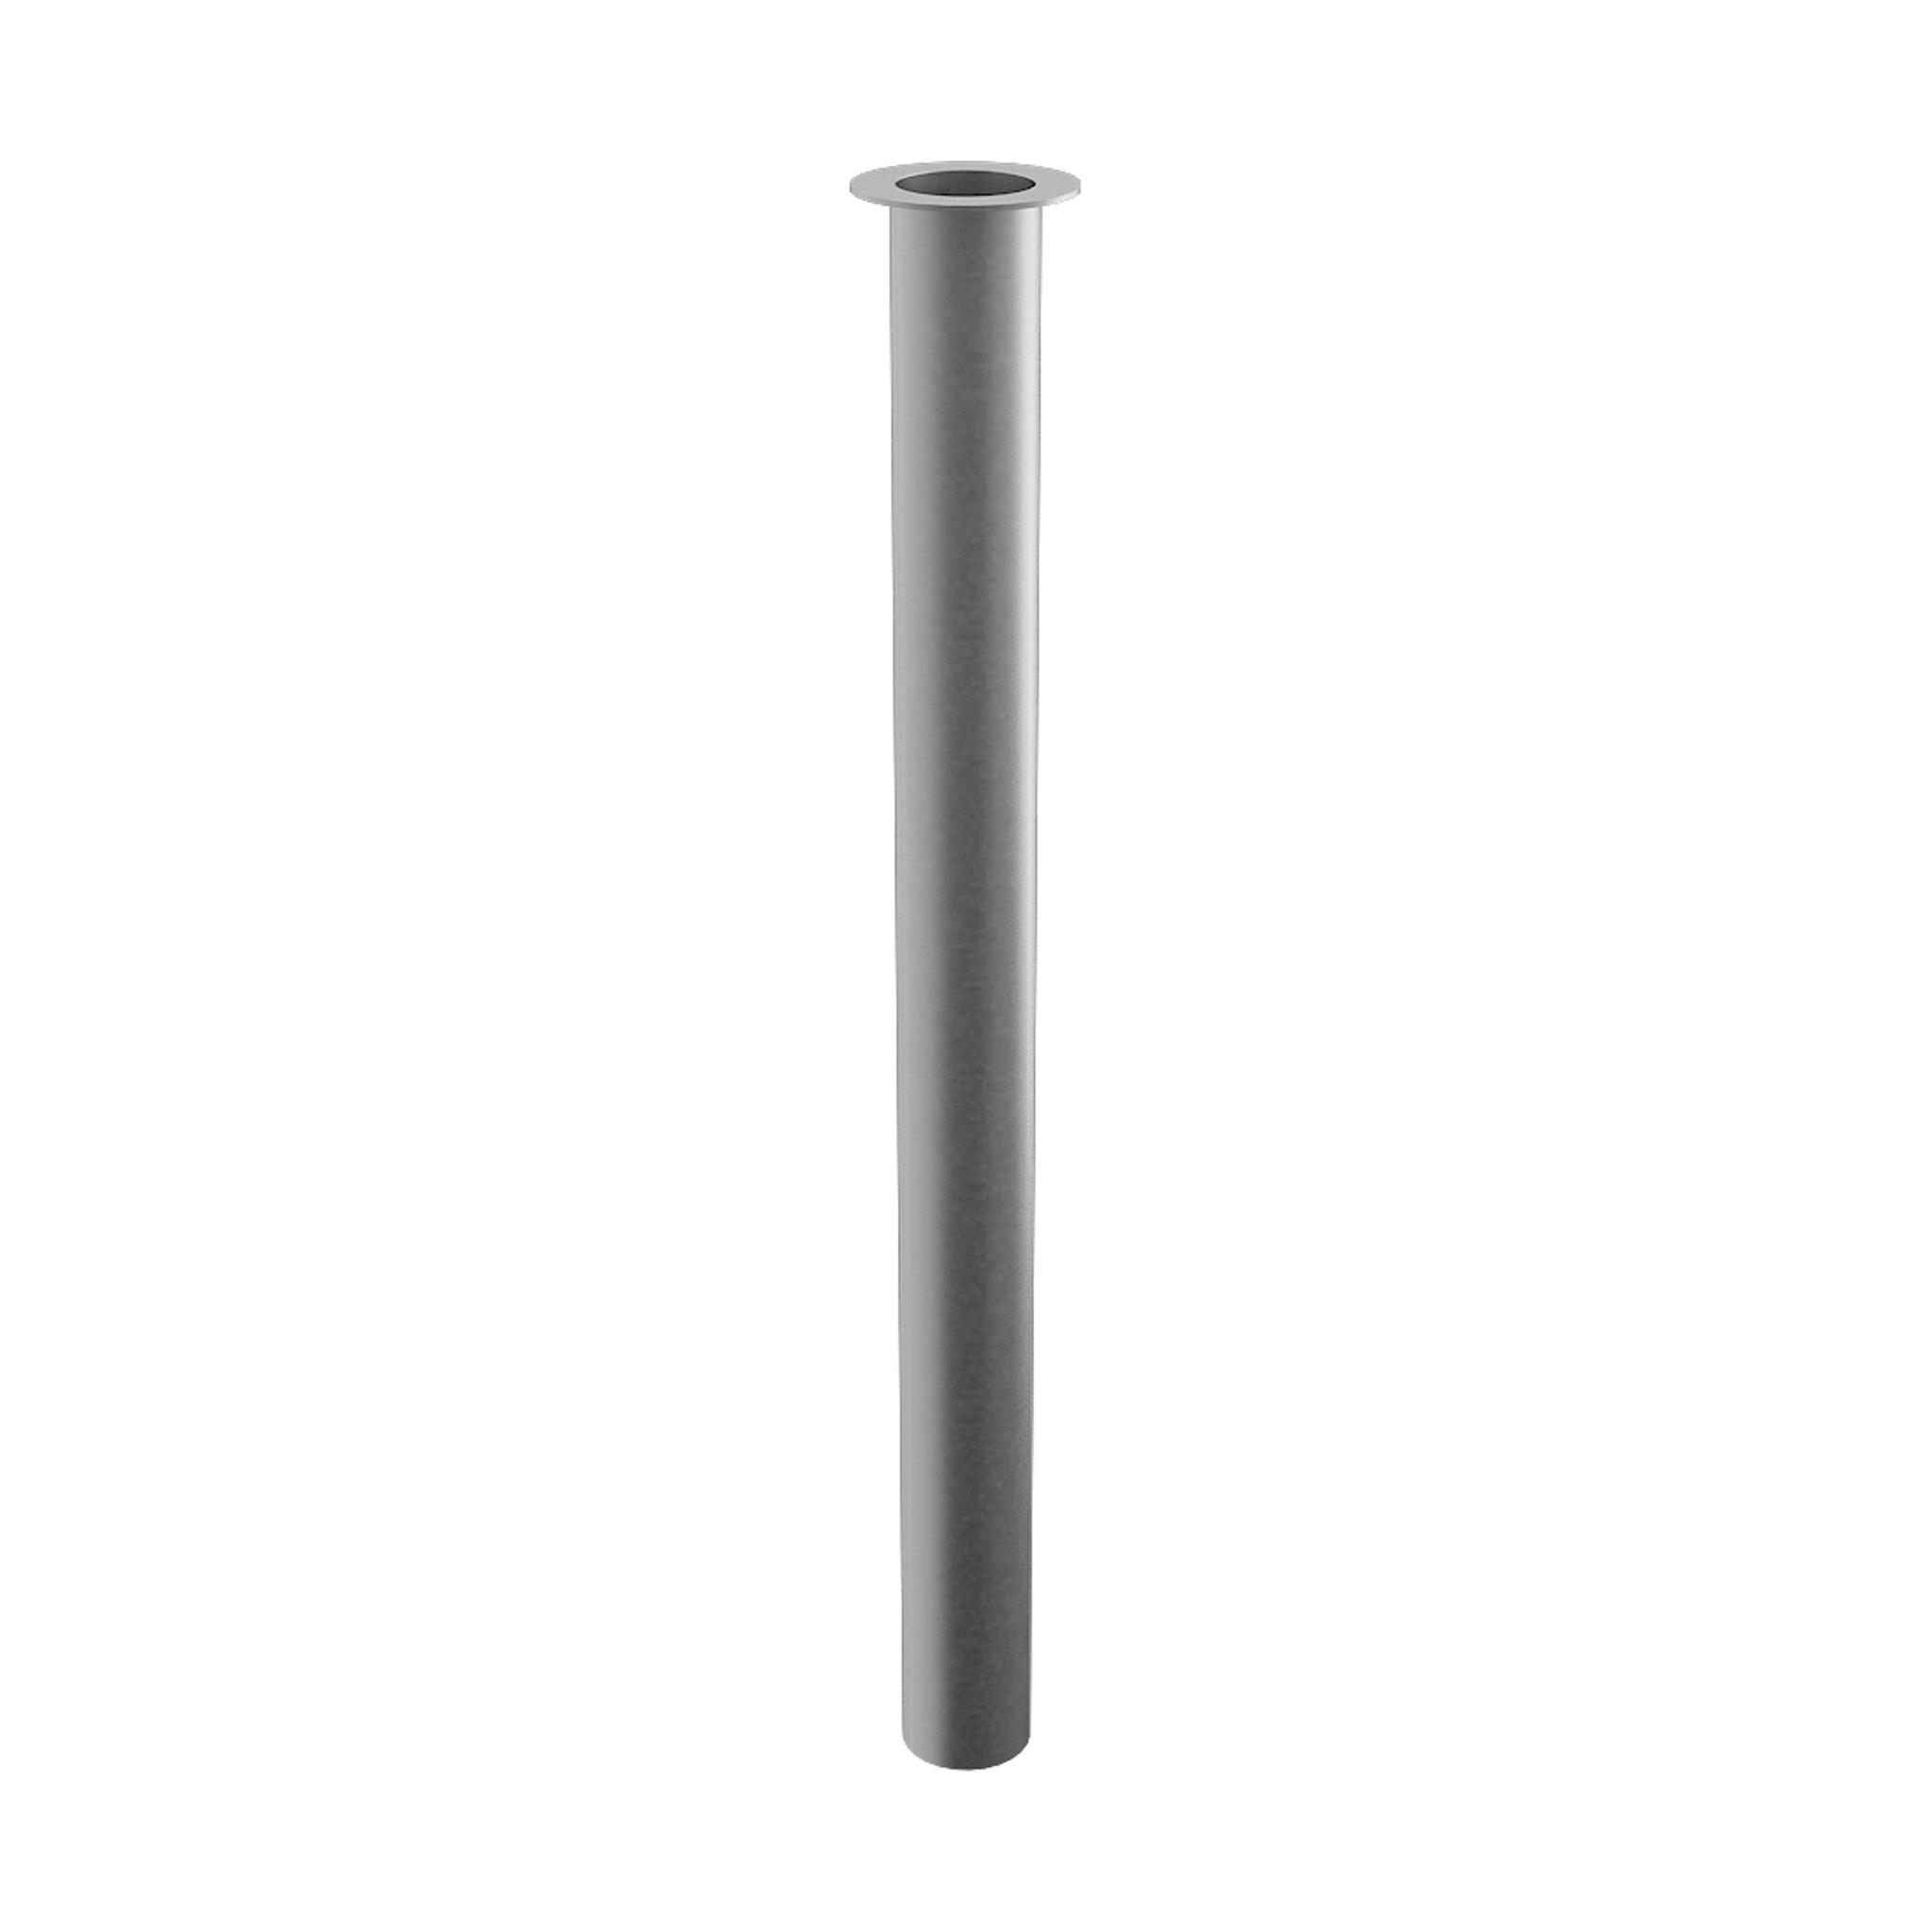 Minisuk buis met kraag 300 mm, ø25 mm t.b.v. Minisuk